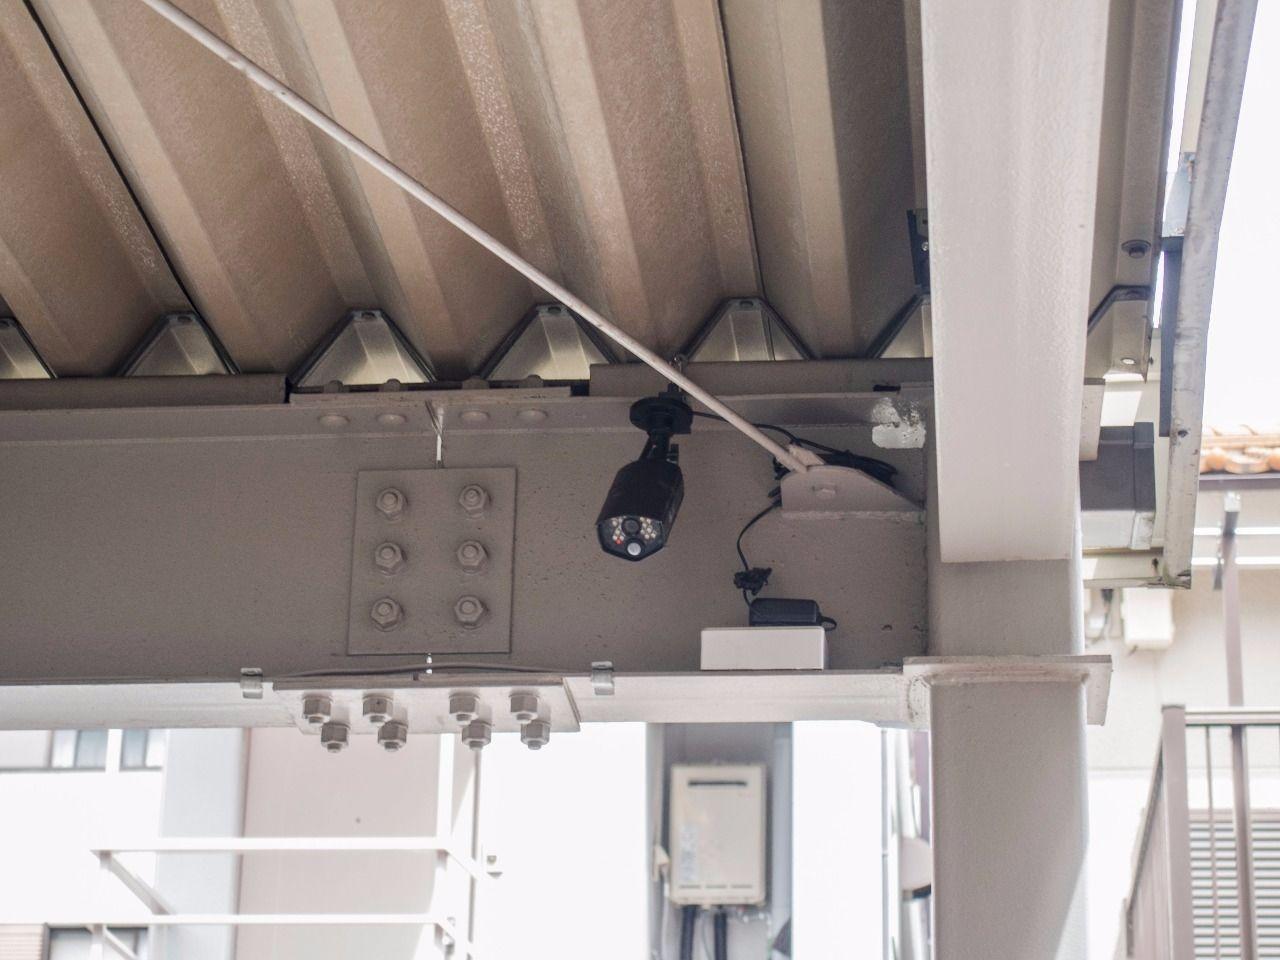 セキュリティーに配慮した防犯カメラ